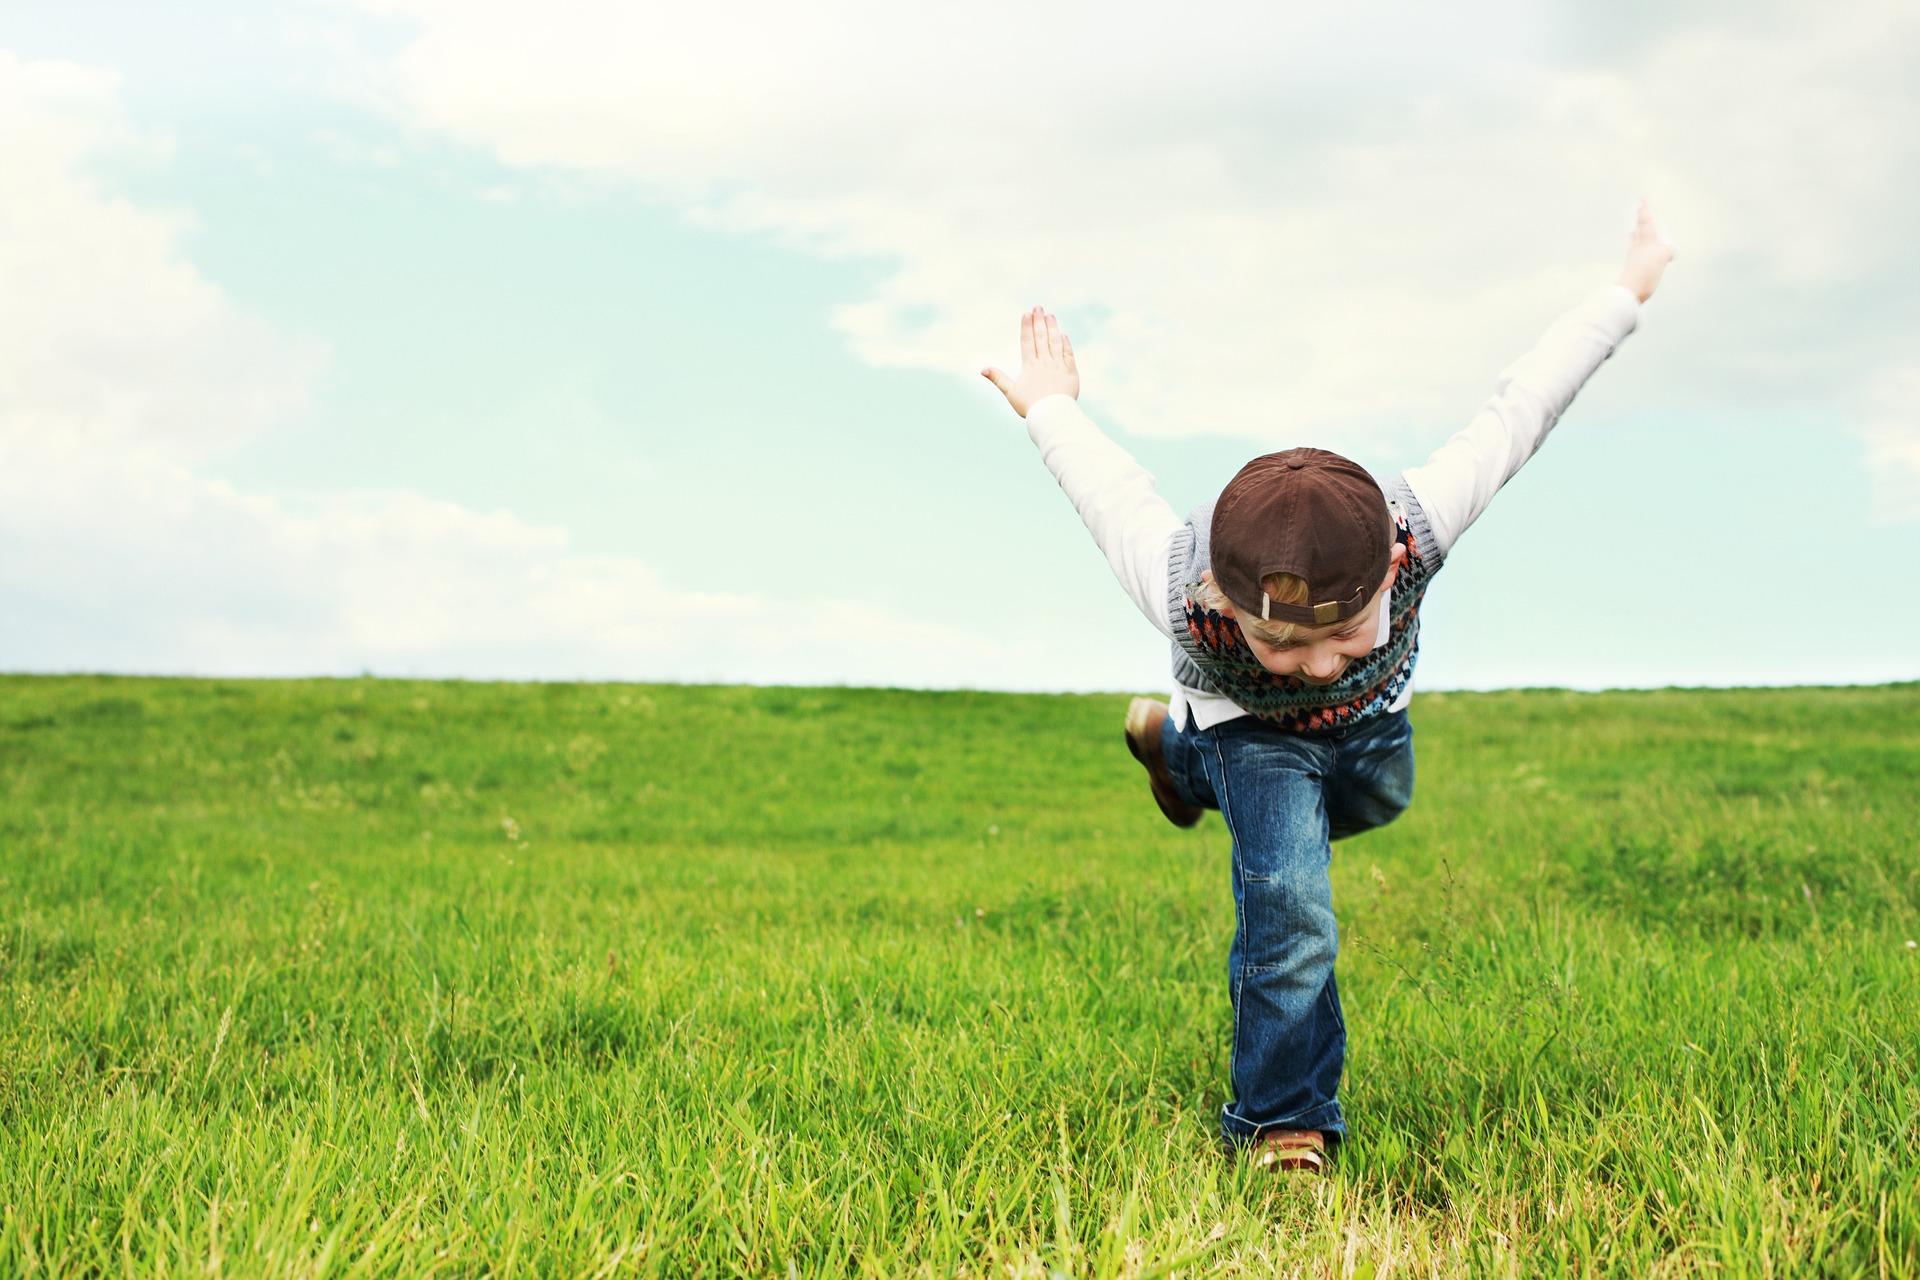 Krepko zdravje prinaša številne prednosti - tudi lahkotnost bivanja kot simbolizira mladi fant na sliki sredi travnika